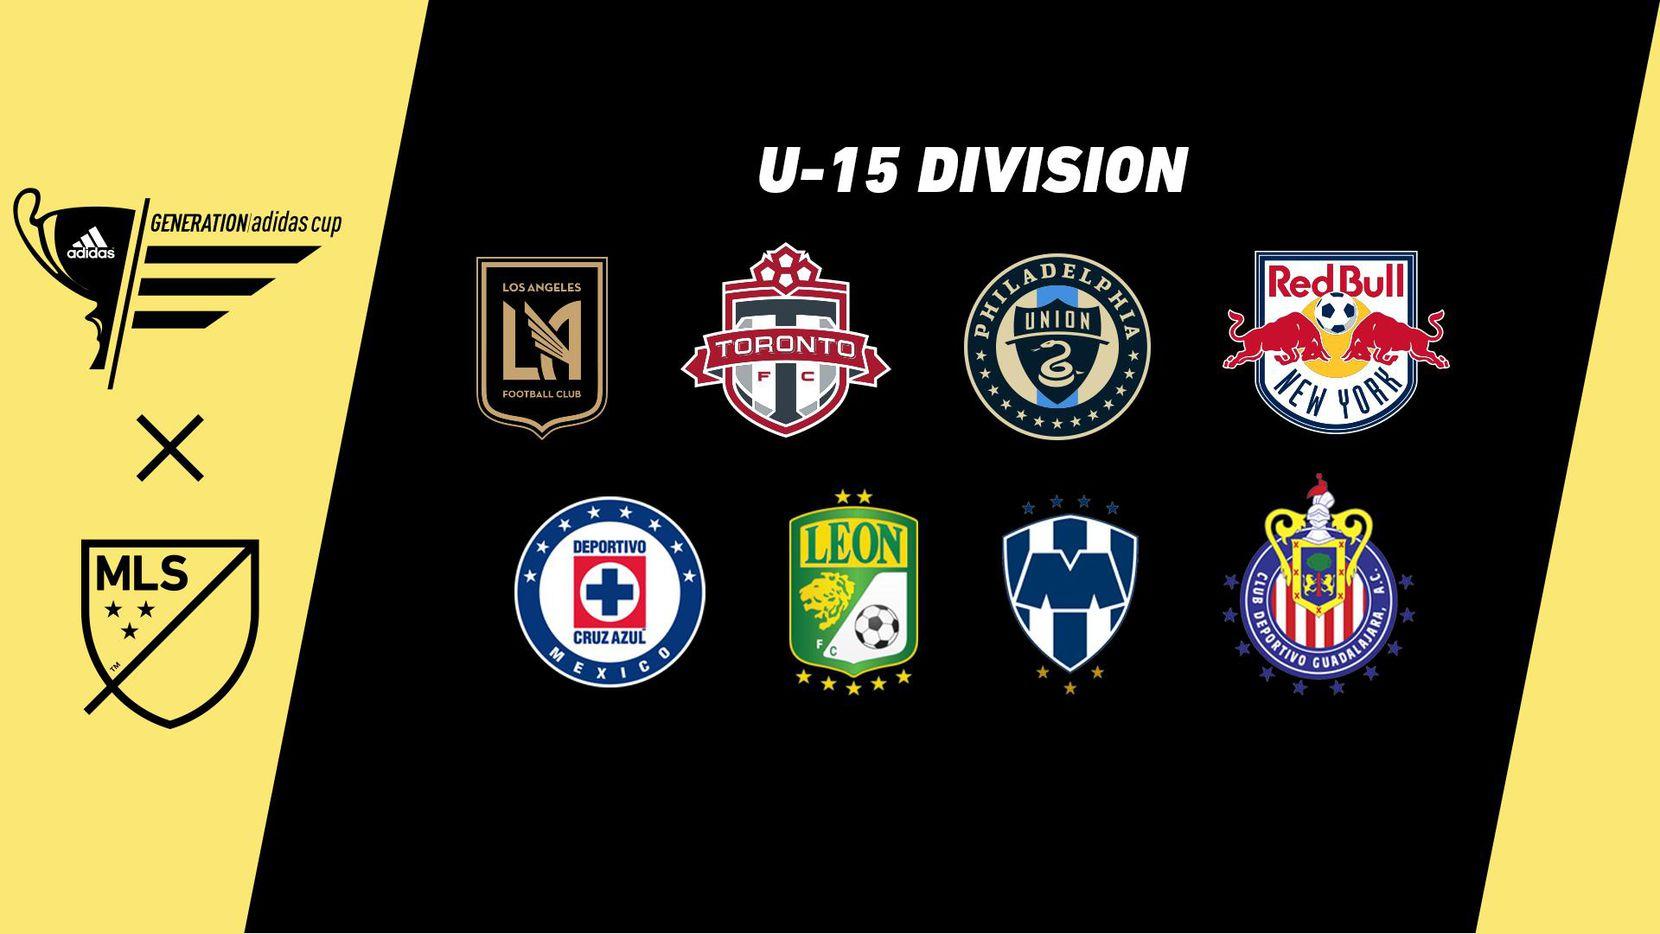 2019 GA Cup U15 Divisoin